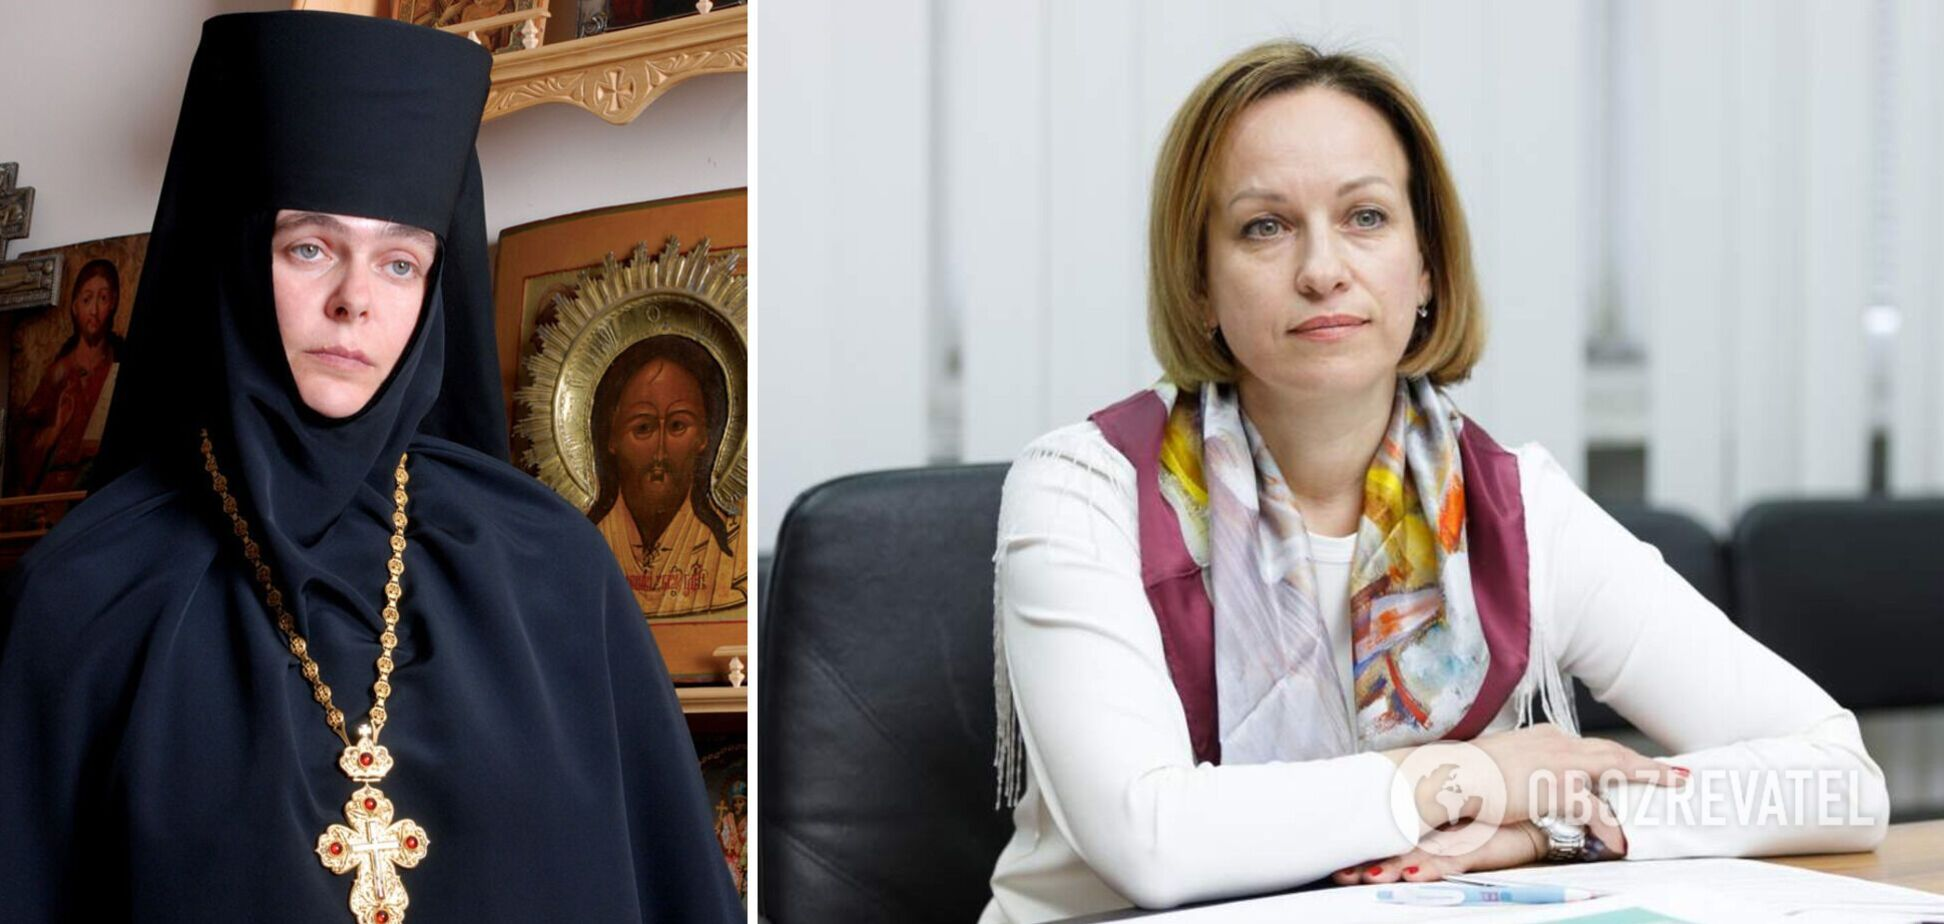 Лазебная открыла в Одессе убежище в монастыре УПЦ МП: его настоятельница говорила о 'гражданской войне' в Украине. Видео